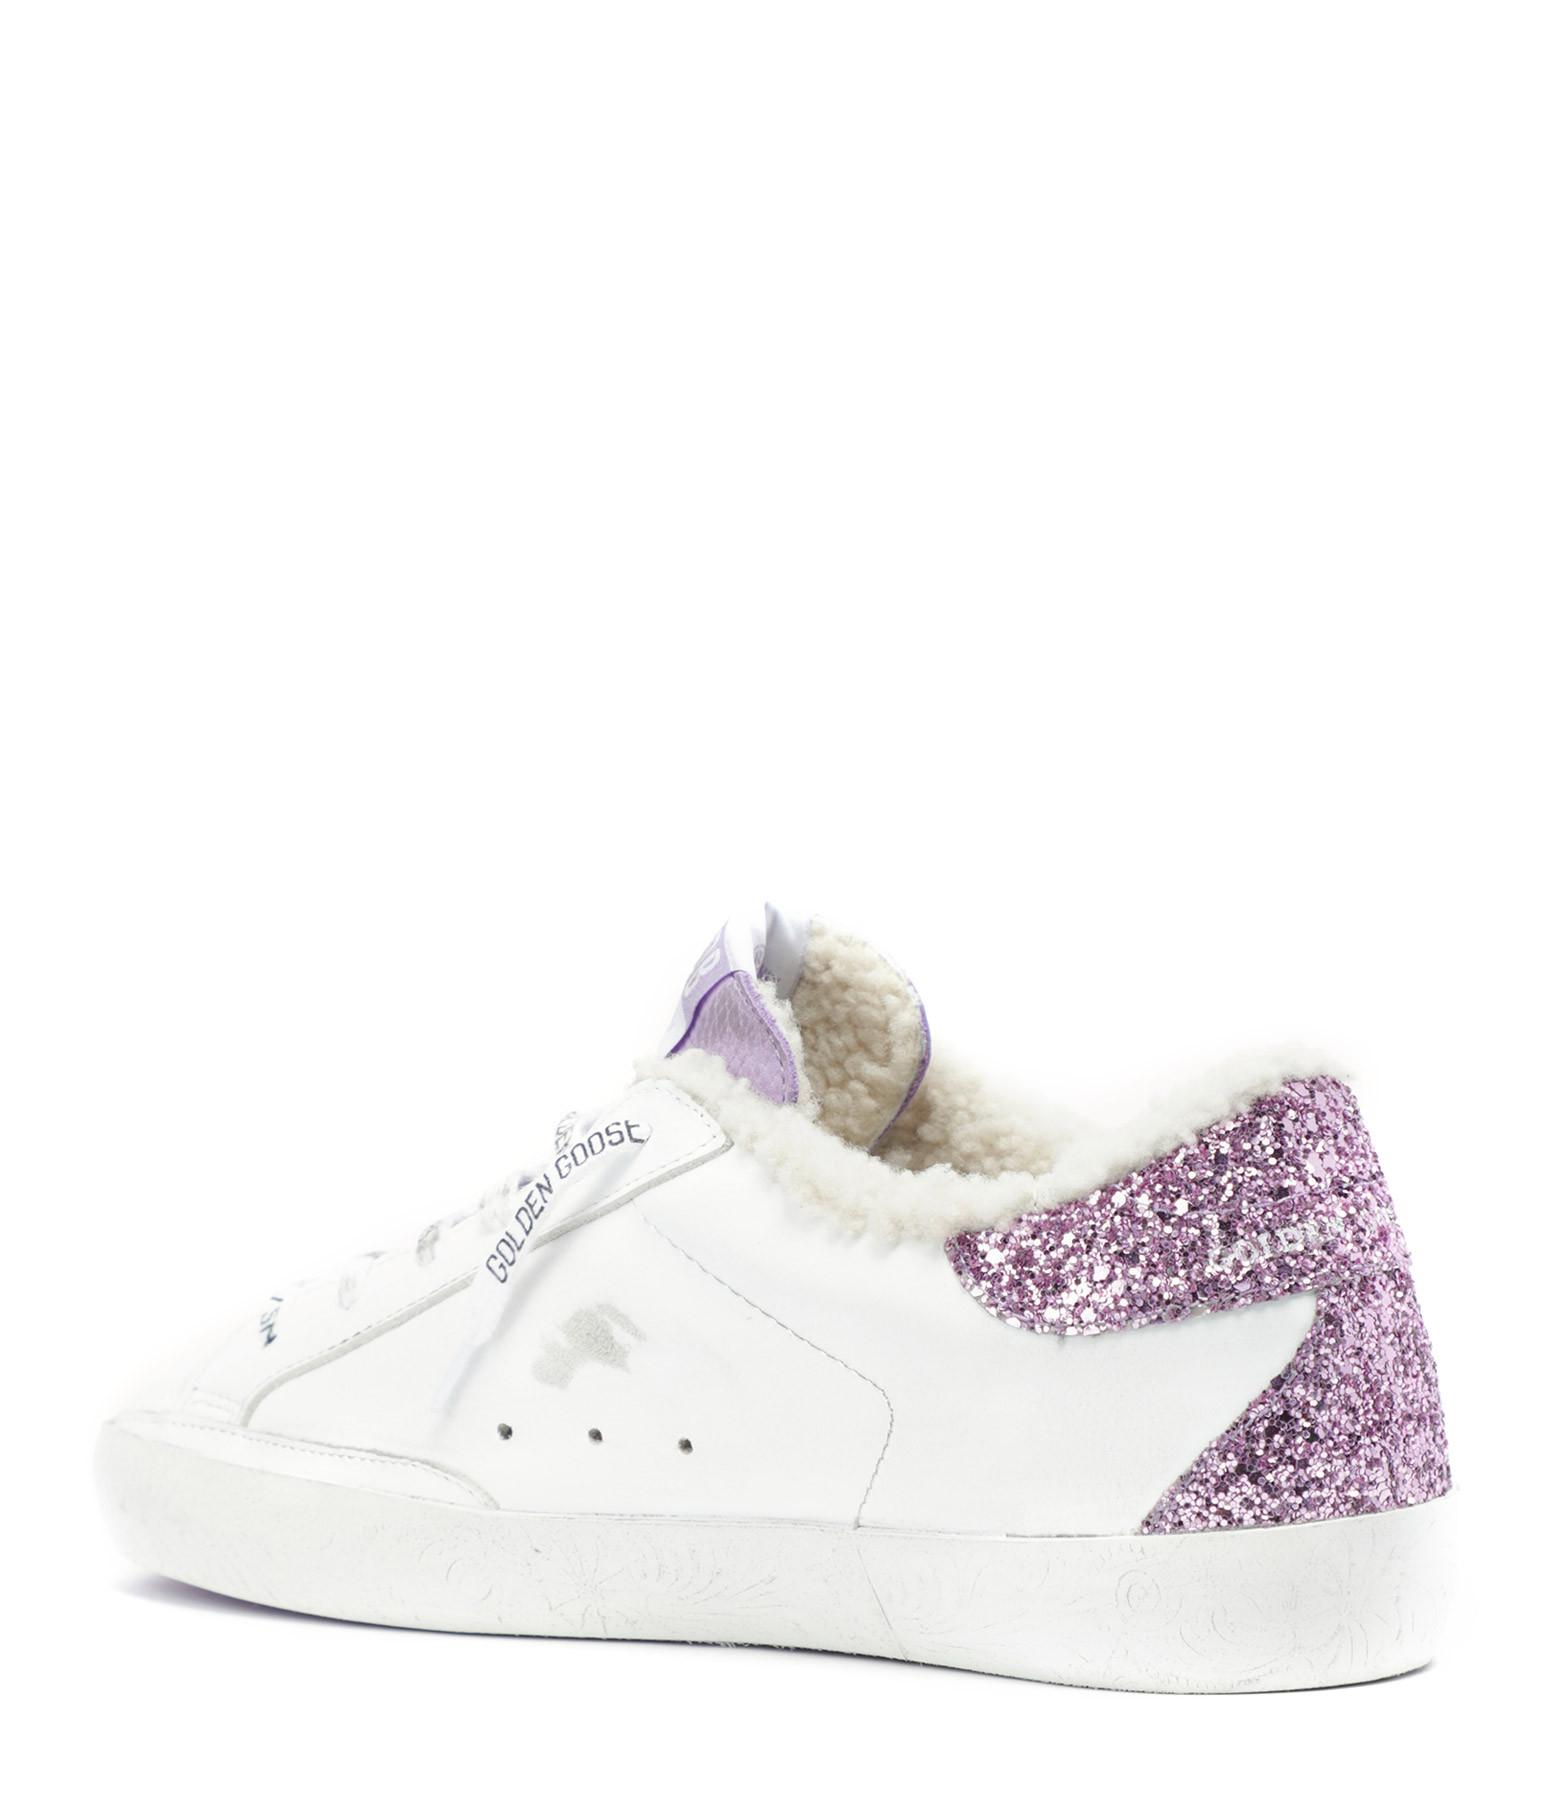 GOLDEN GOOSE - Baskets Superstar Mouton Cuir Nubuck Blanc Glitter Violet